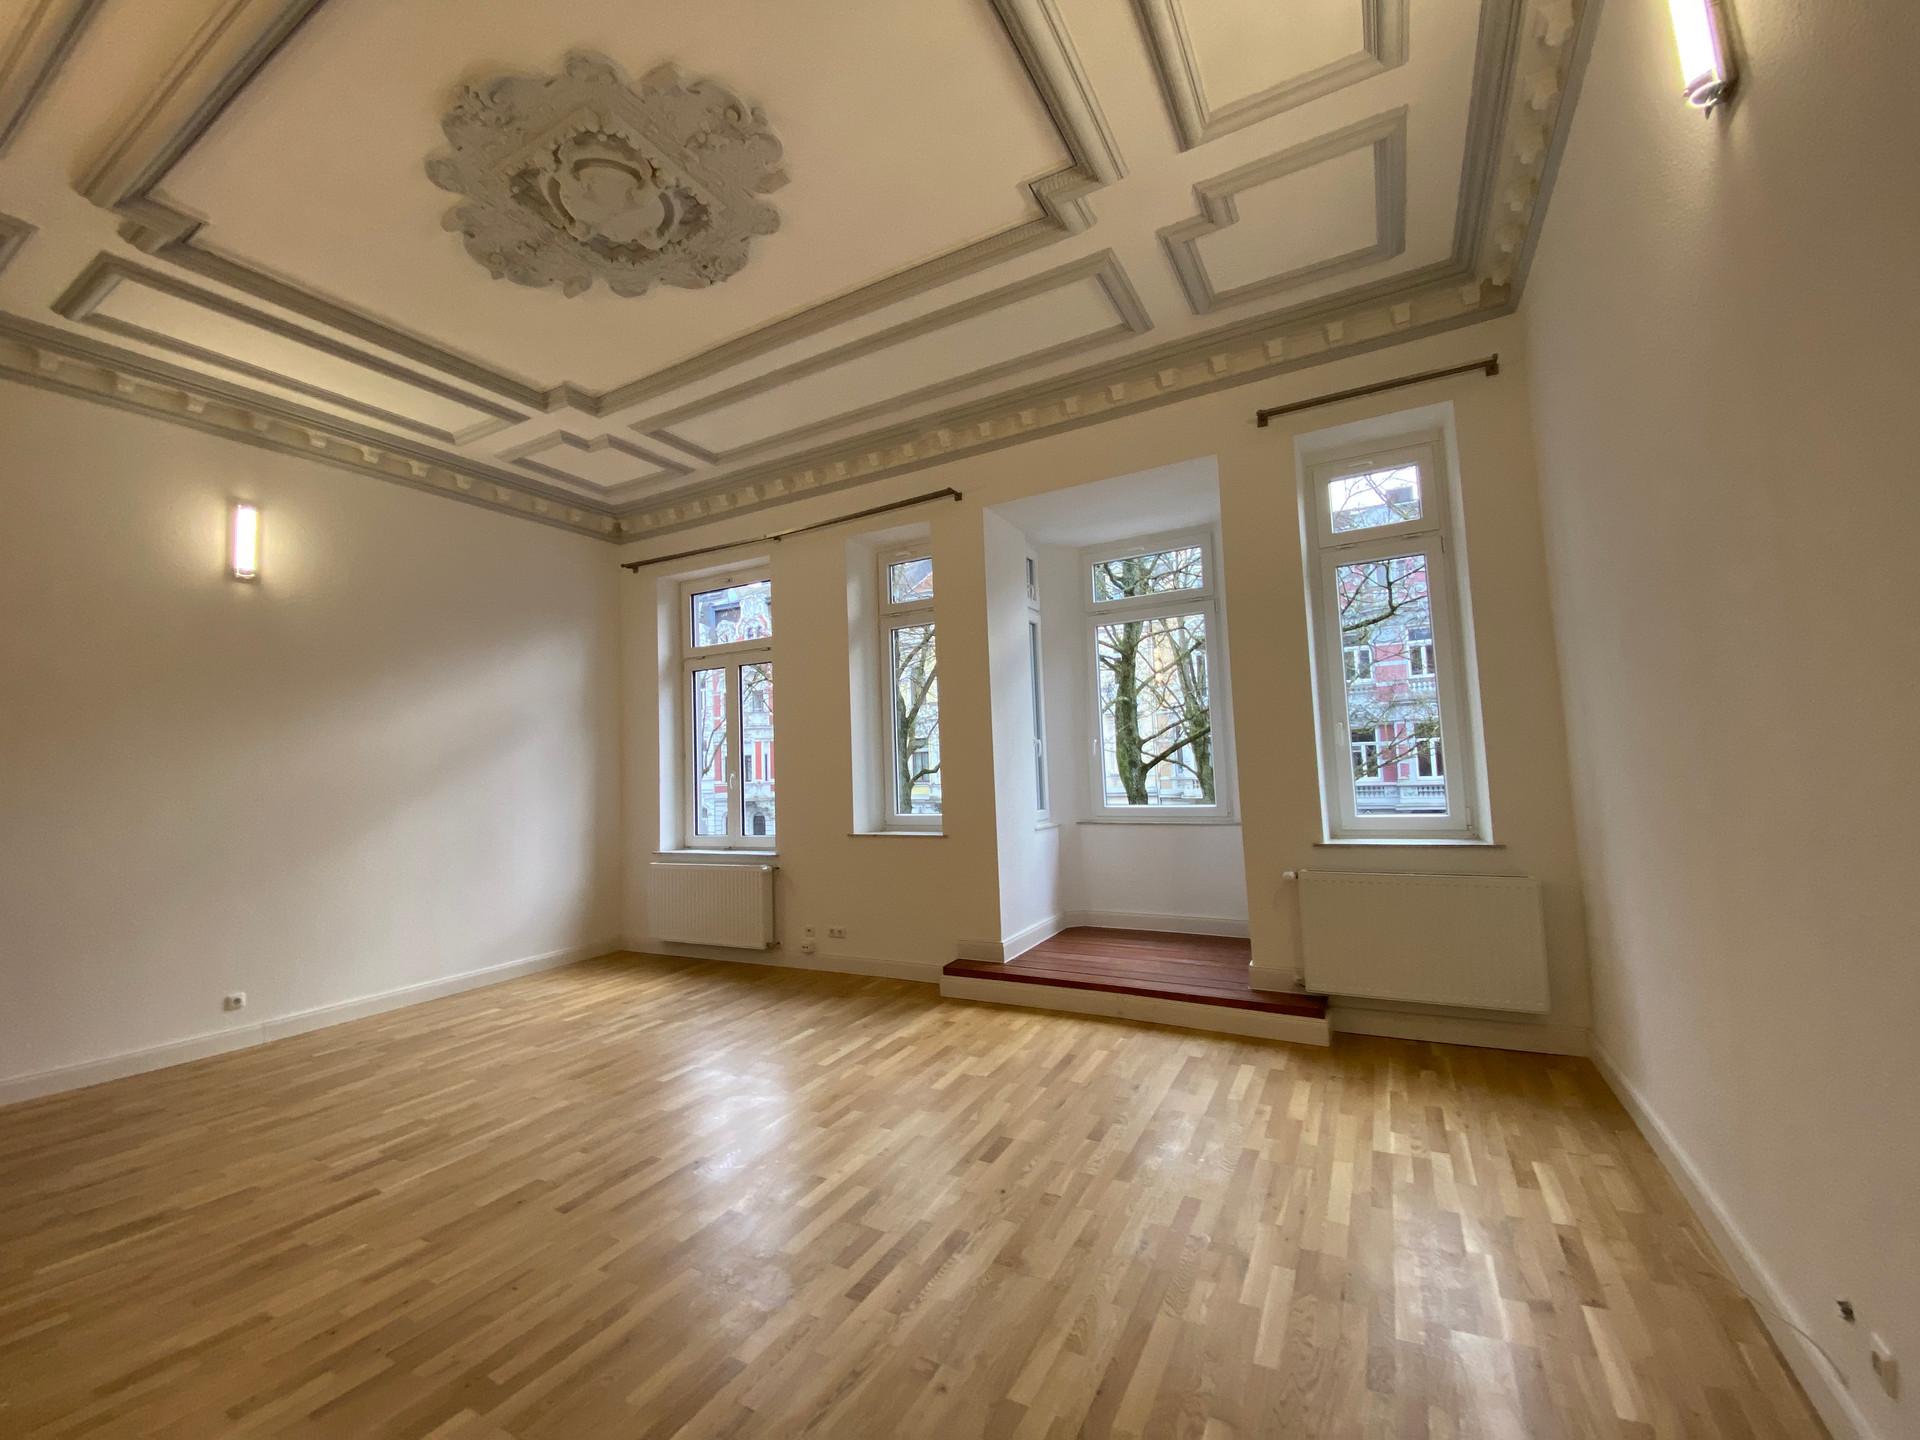 Großzügige 2-Zimmer-Wohnung inkl. Balkon im Frankenberger Viertel I Aachen-Zentrum